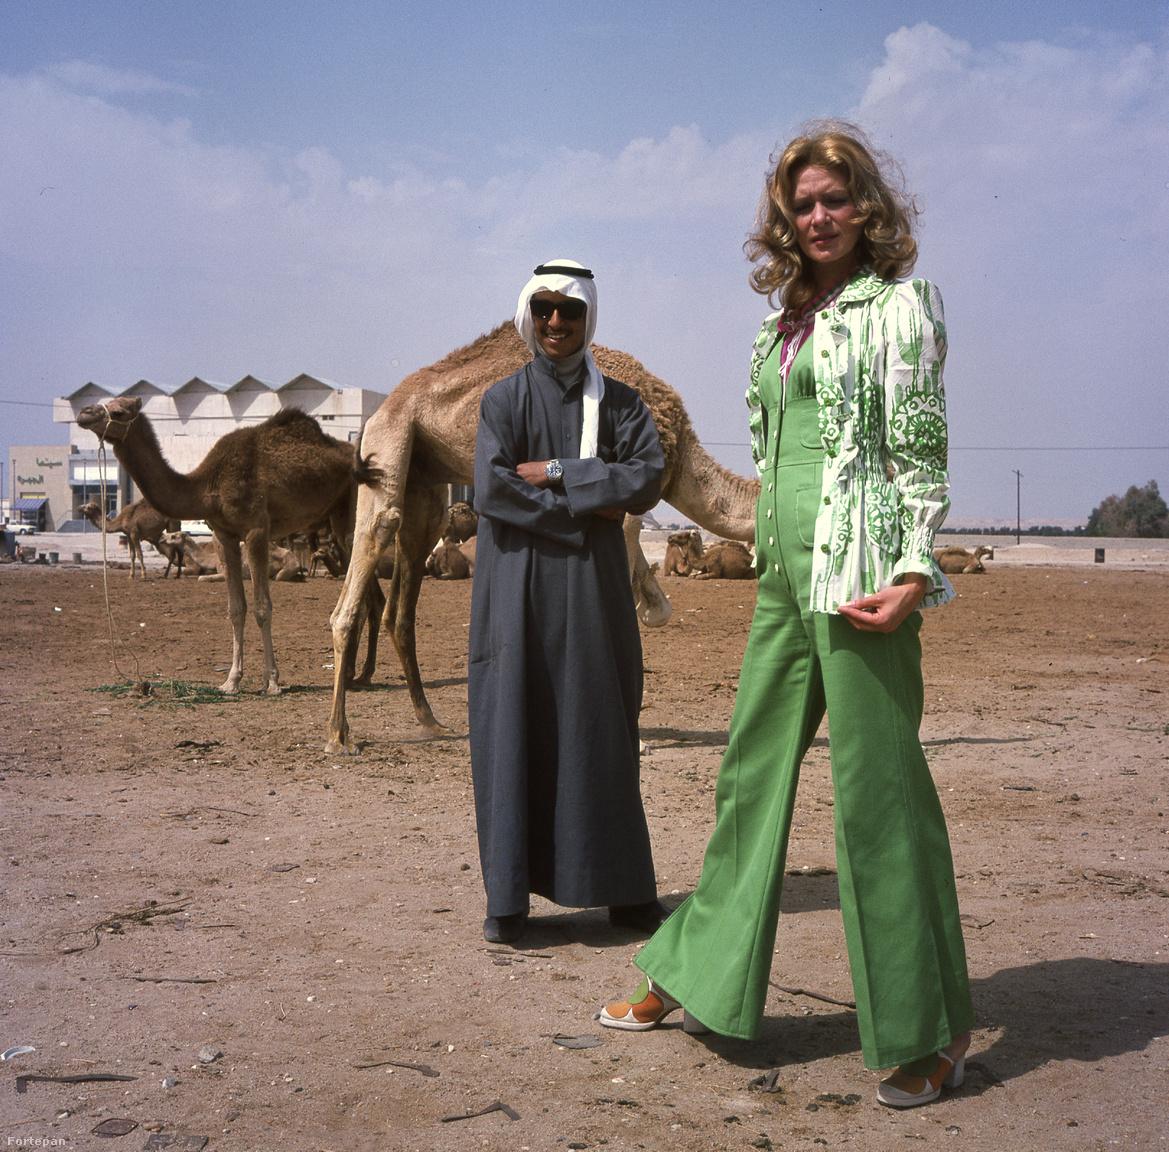 Egy emblematikus divatfotó 1973-os Schiffer Pál-kép Zám Edit manökennel az arab divatfotózáson. Ezzel 2018-ban is megállják a helyüket.